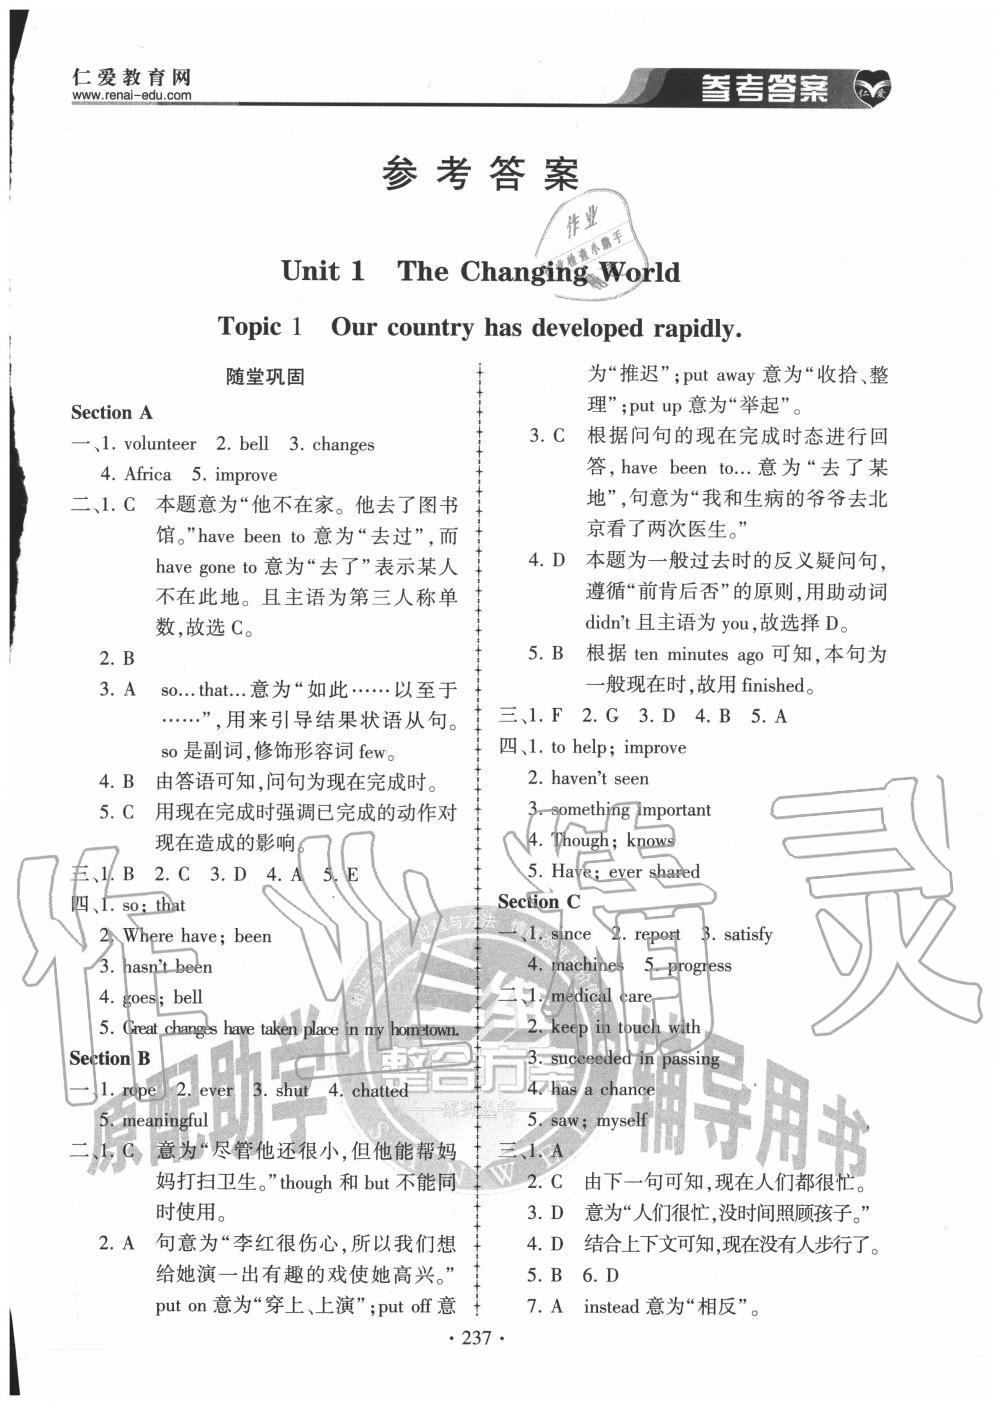 2020年仁愛英語同步練習冊九年級全一冊仁愛版第1頁